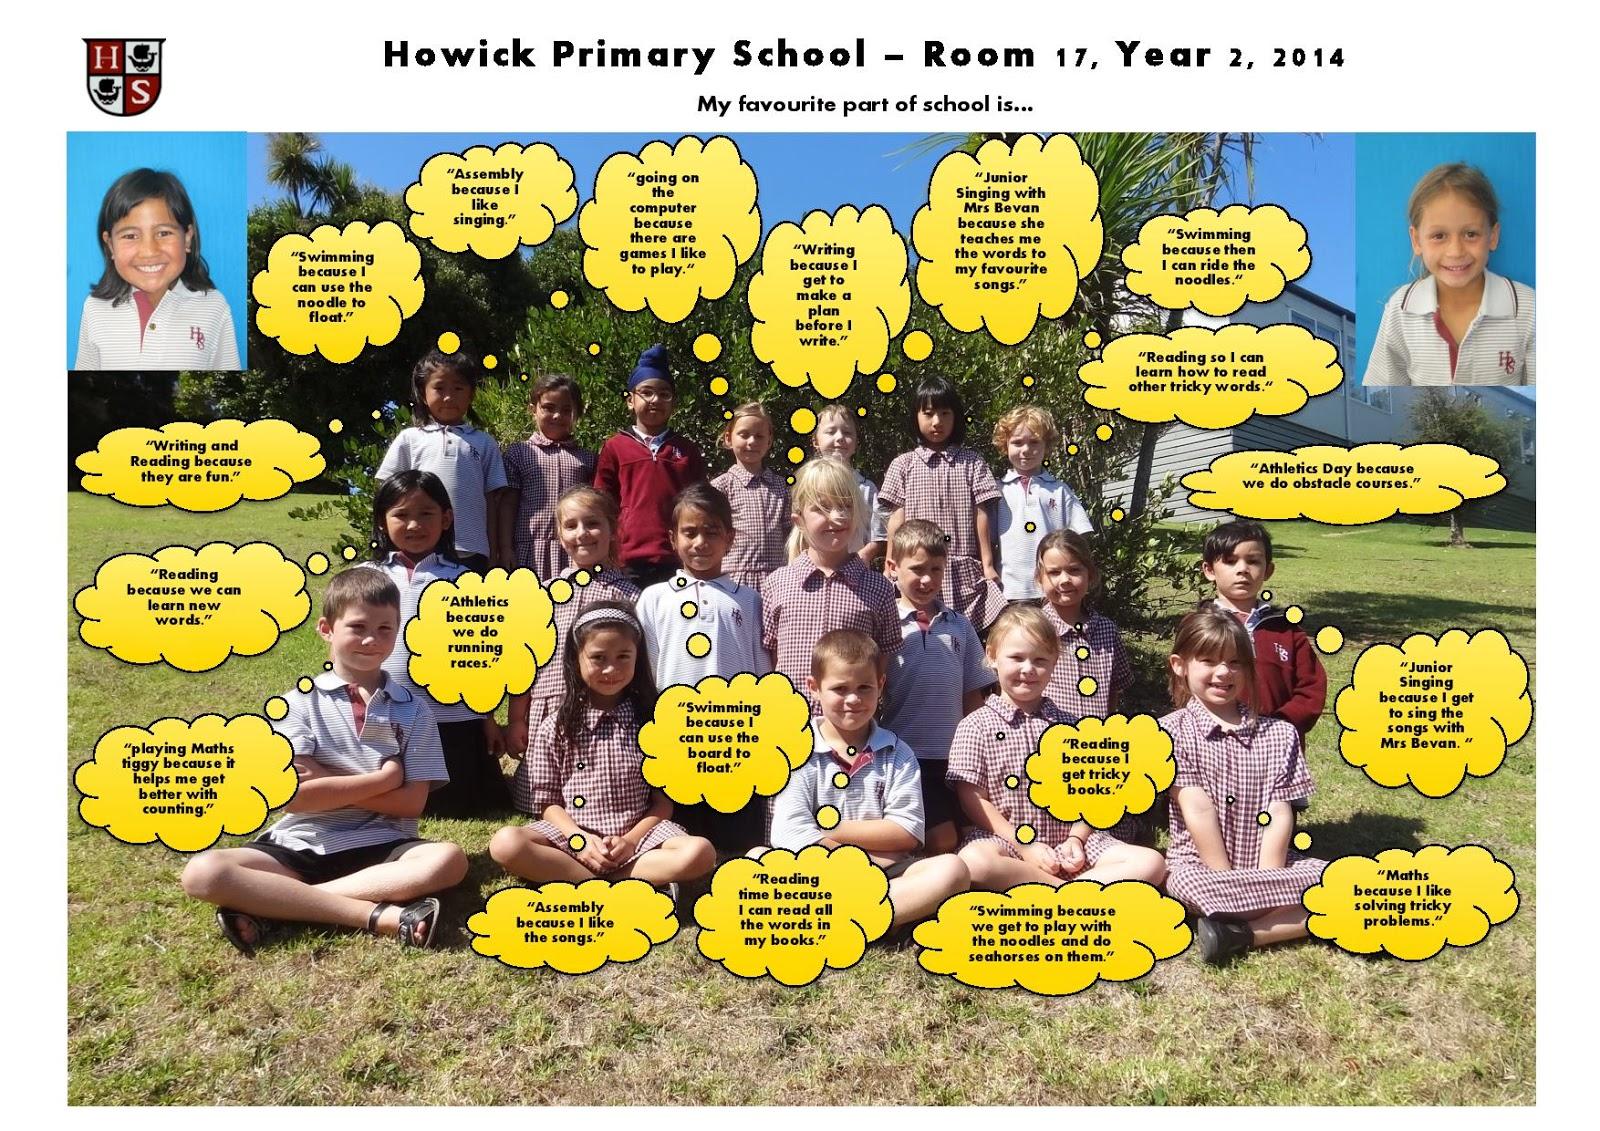 Room 17 Howick Primary School April